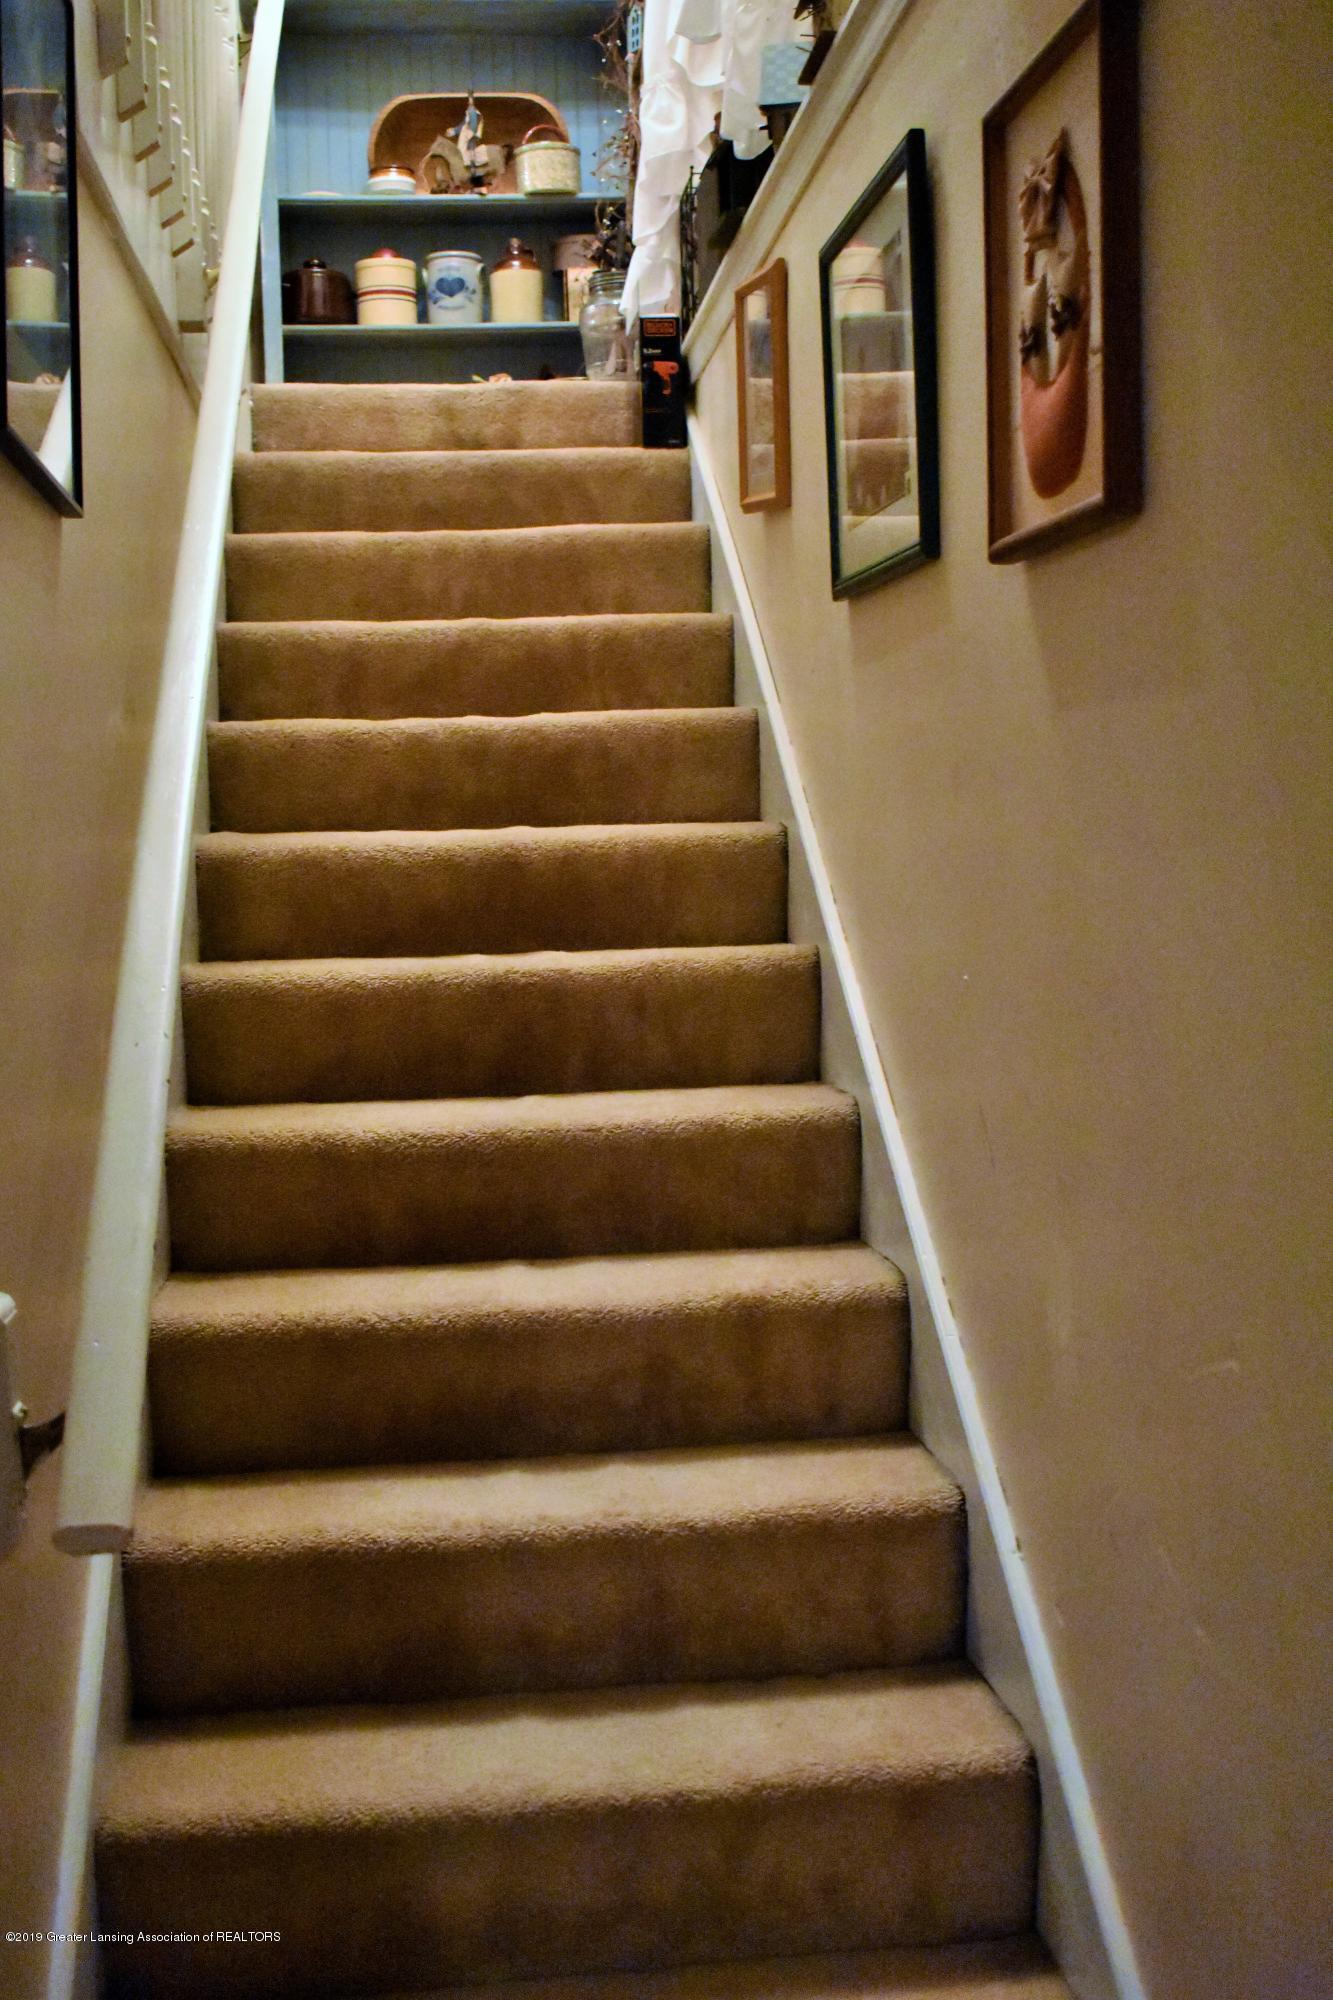 4394 Keller Rd - 34.JPG 4394 Keller Rd. basement steps - 15